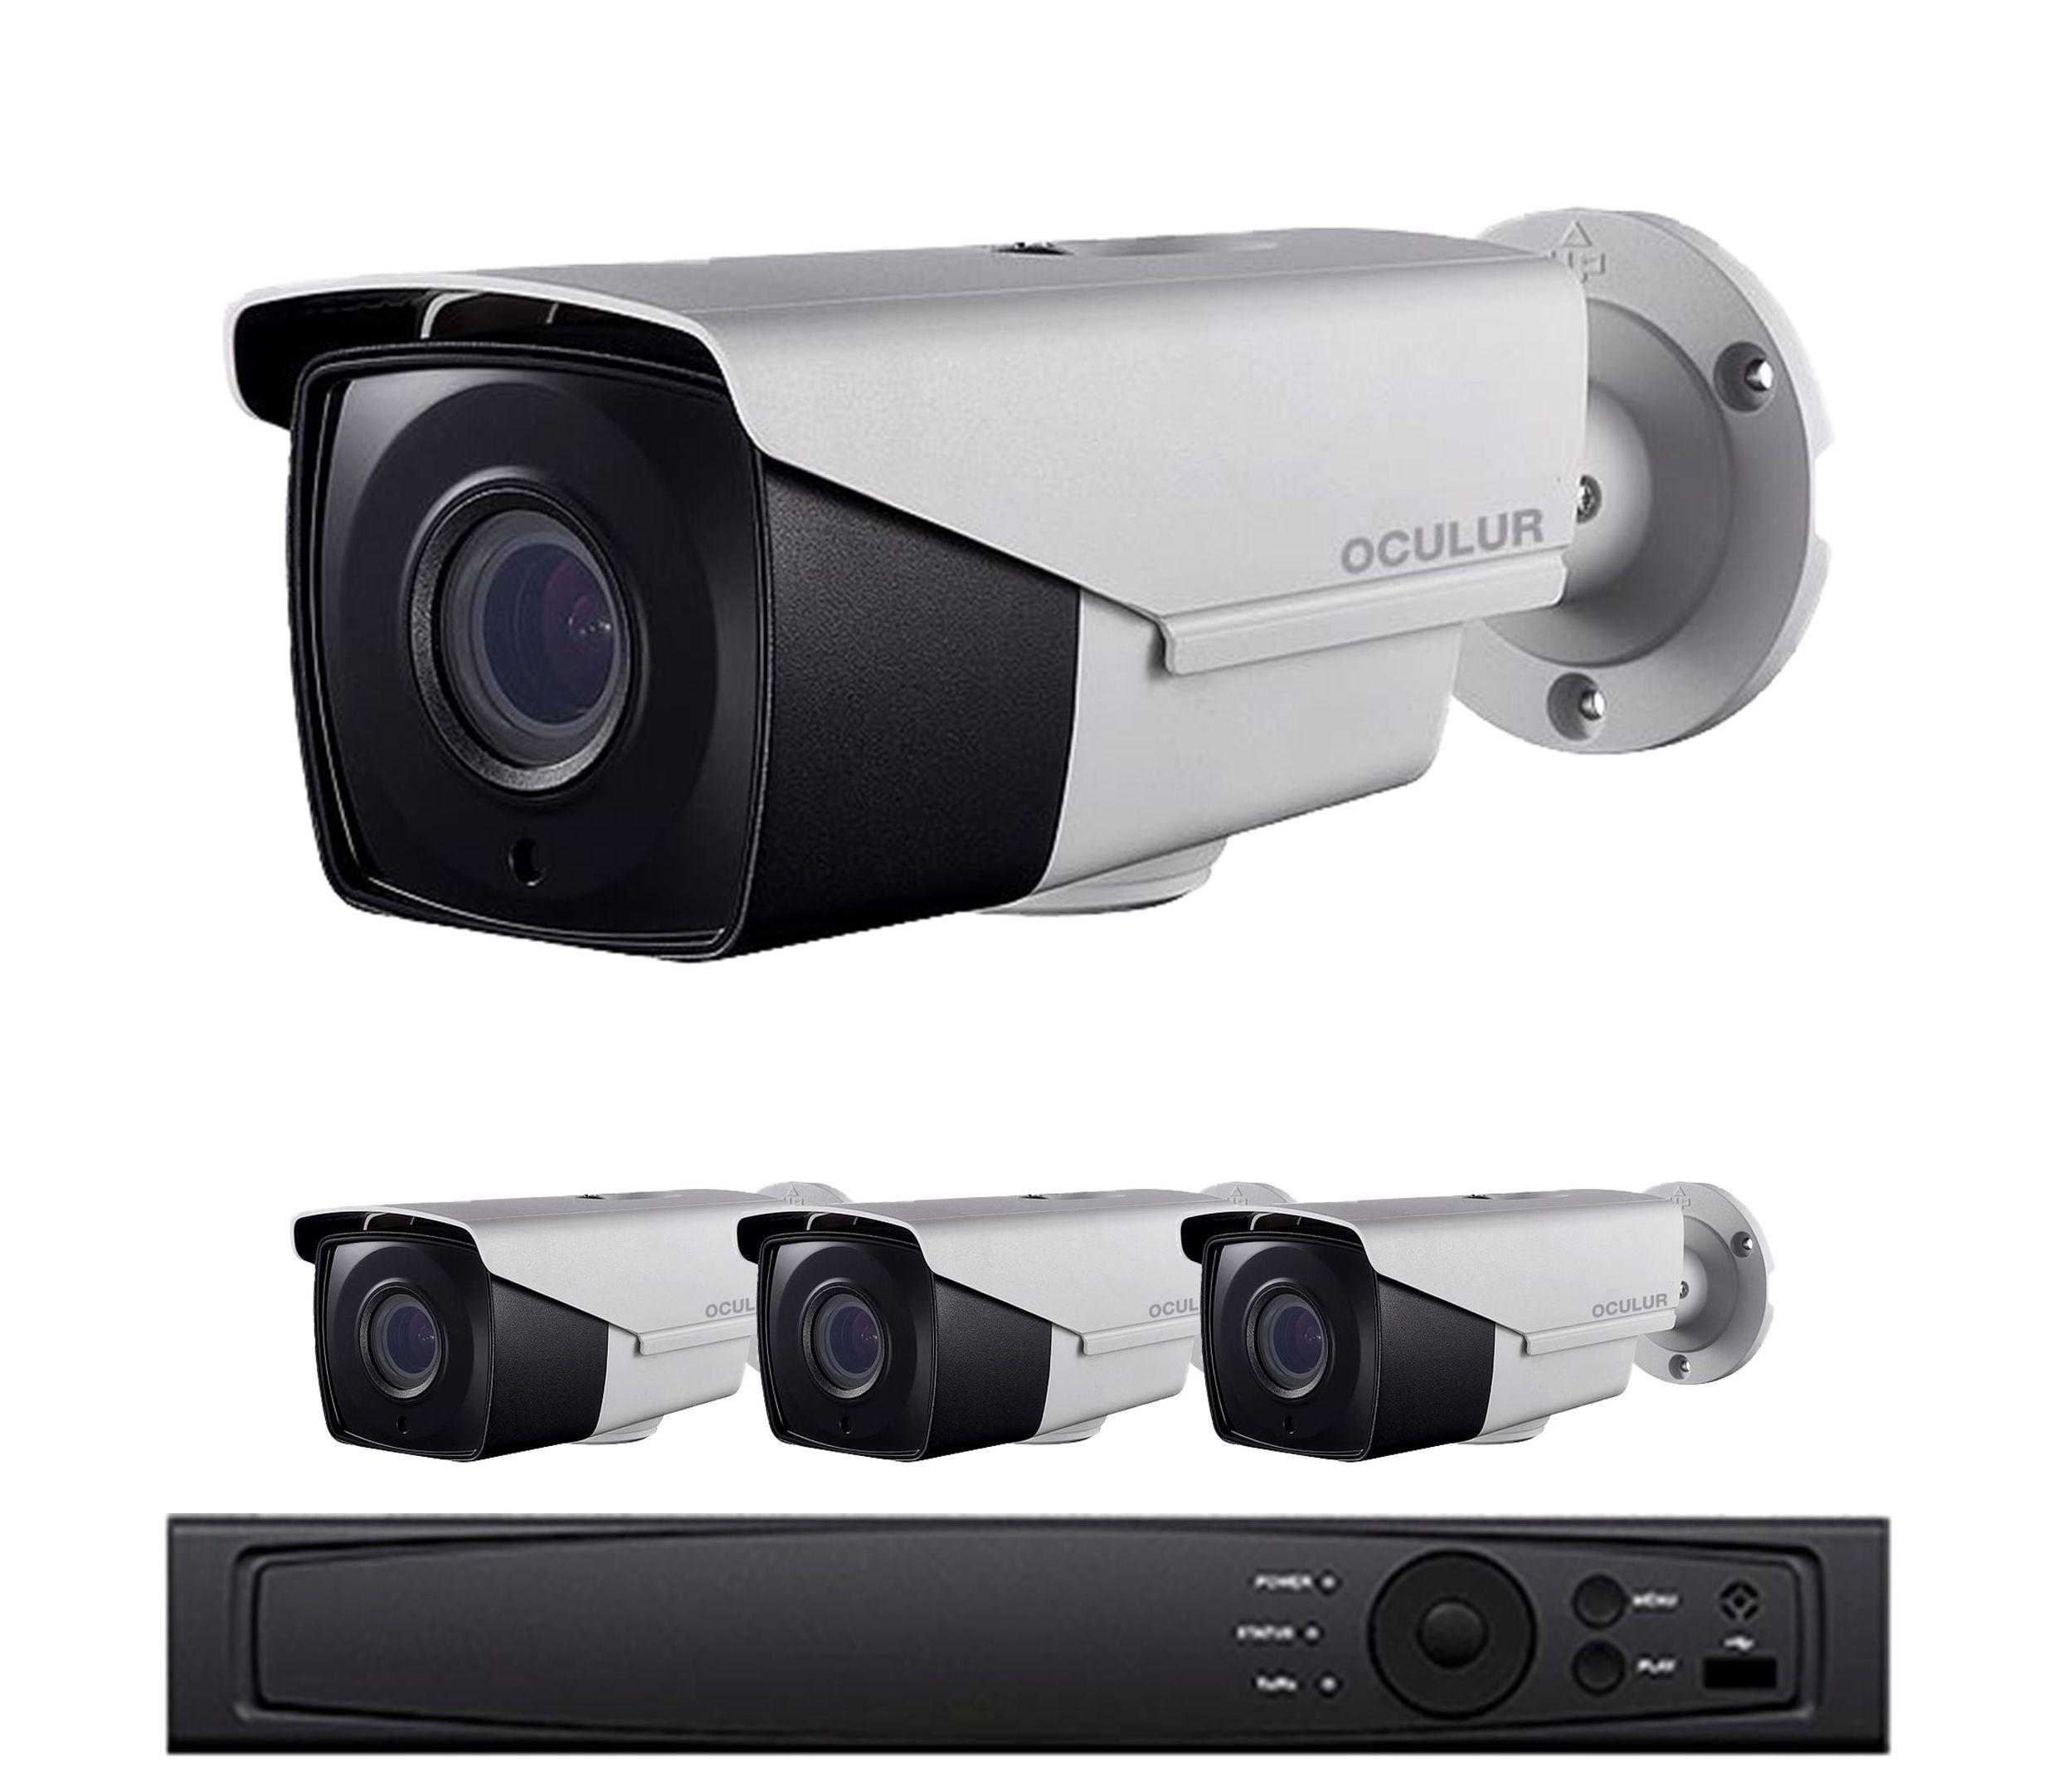 4-Camera 1080p Full HD CCTV Bullet Security Camera System - 4 ...